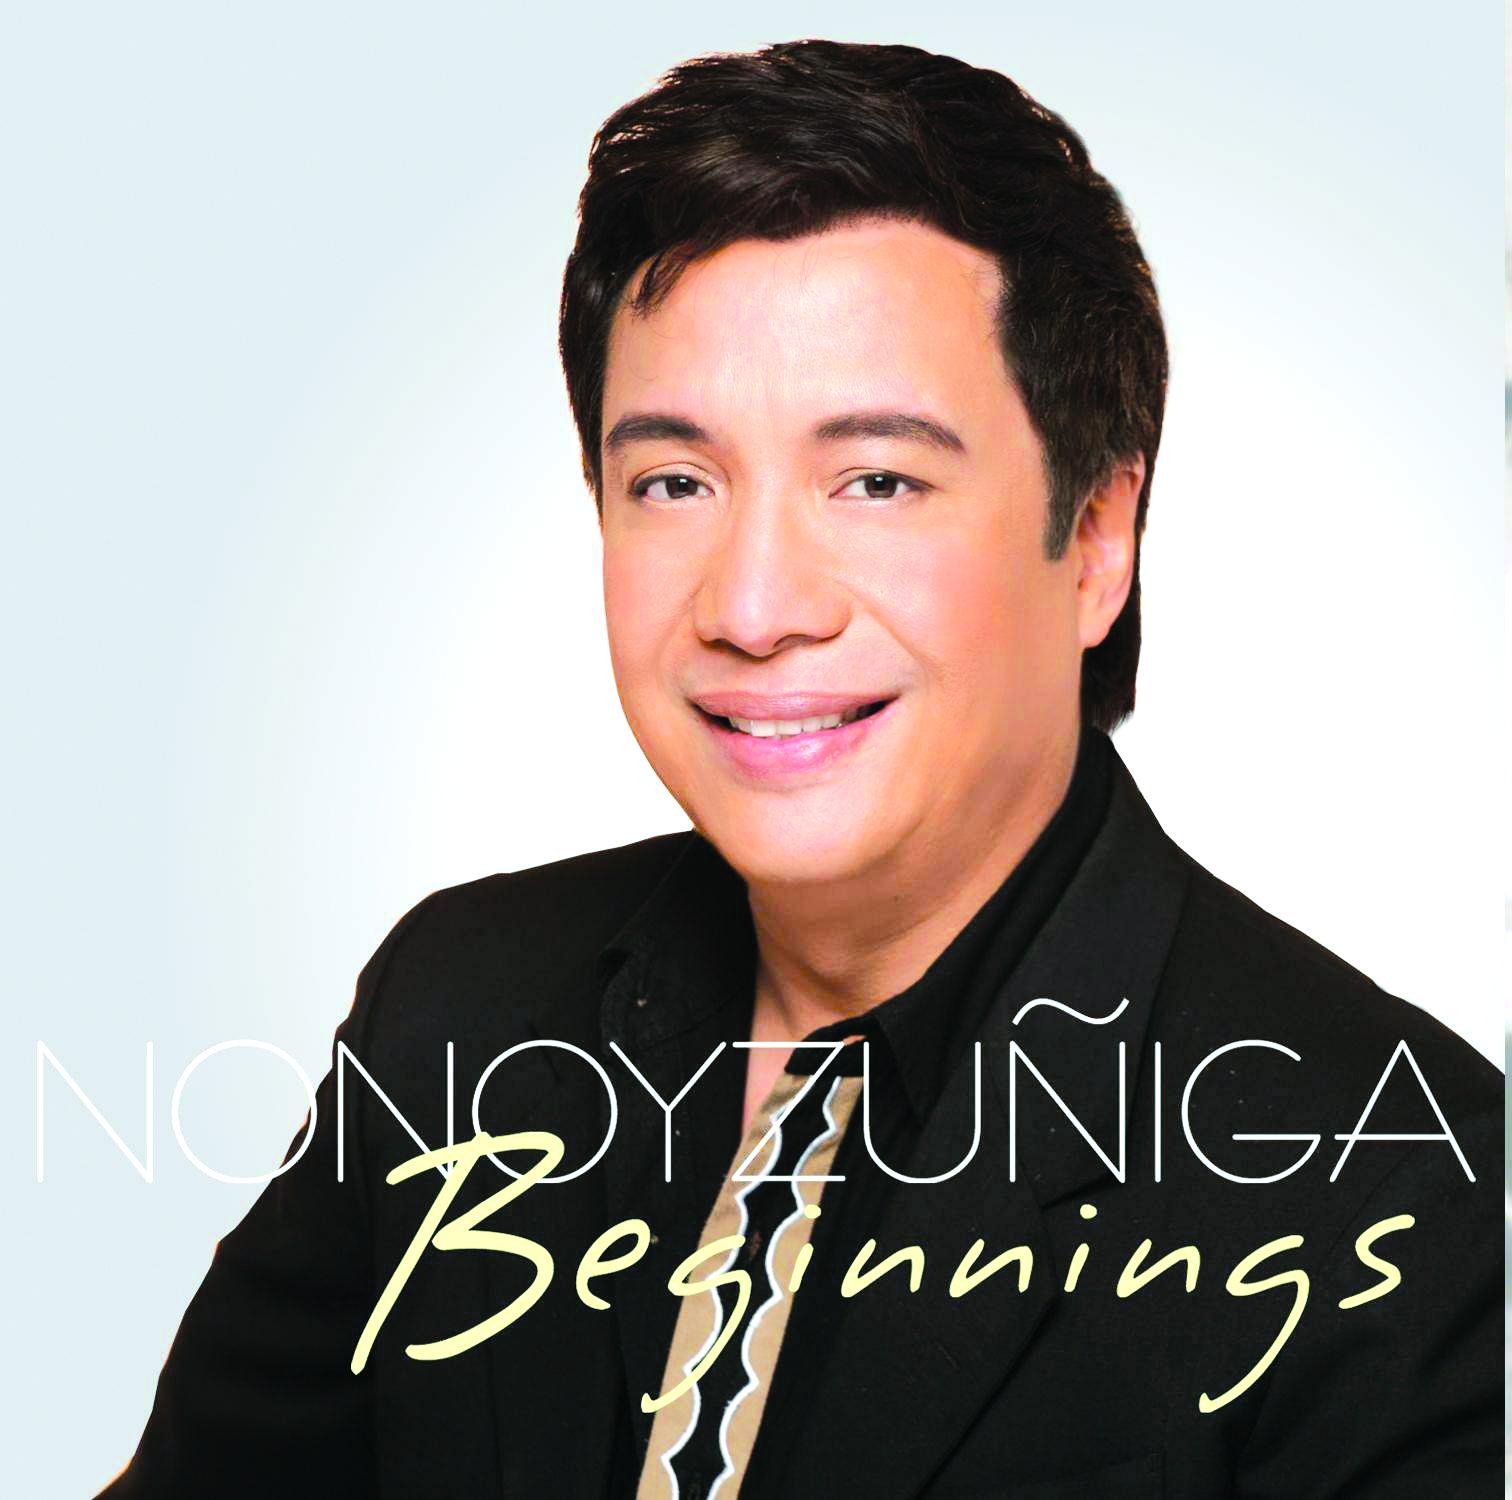 Nonoy Zuniga Biography Songs by Nonoy Zuñiga